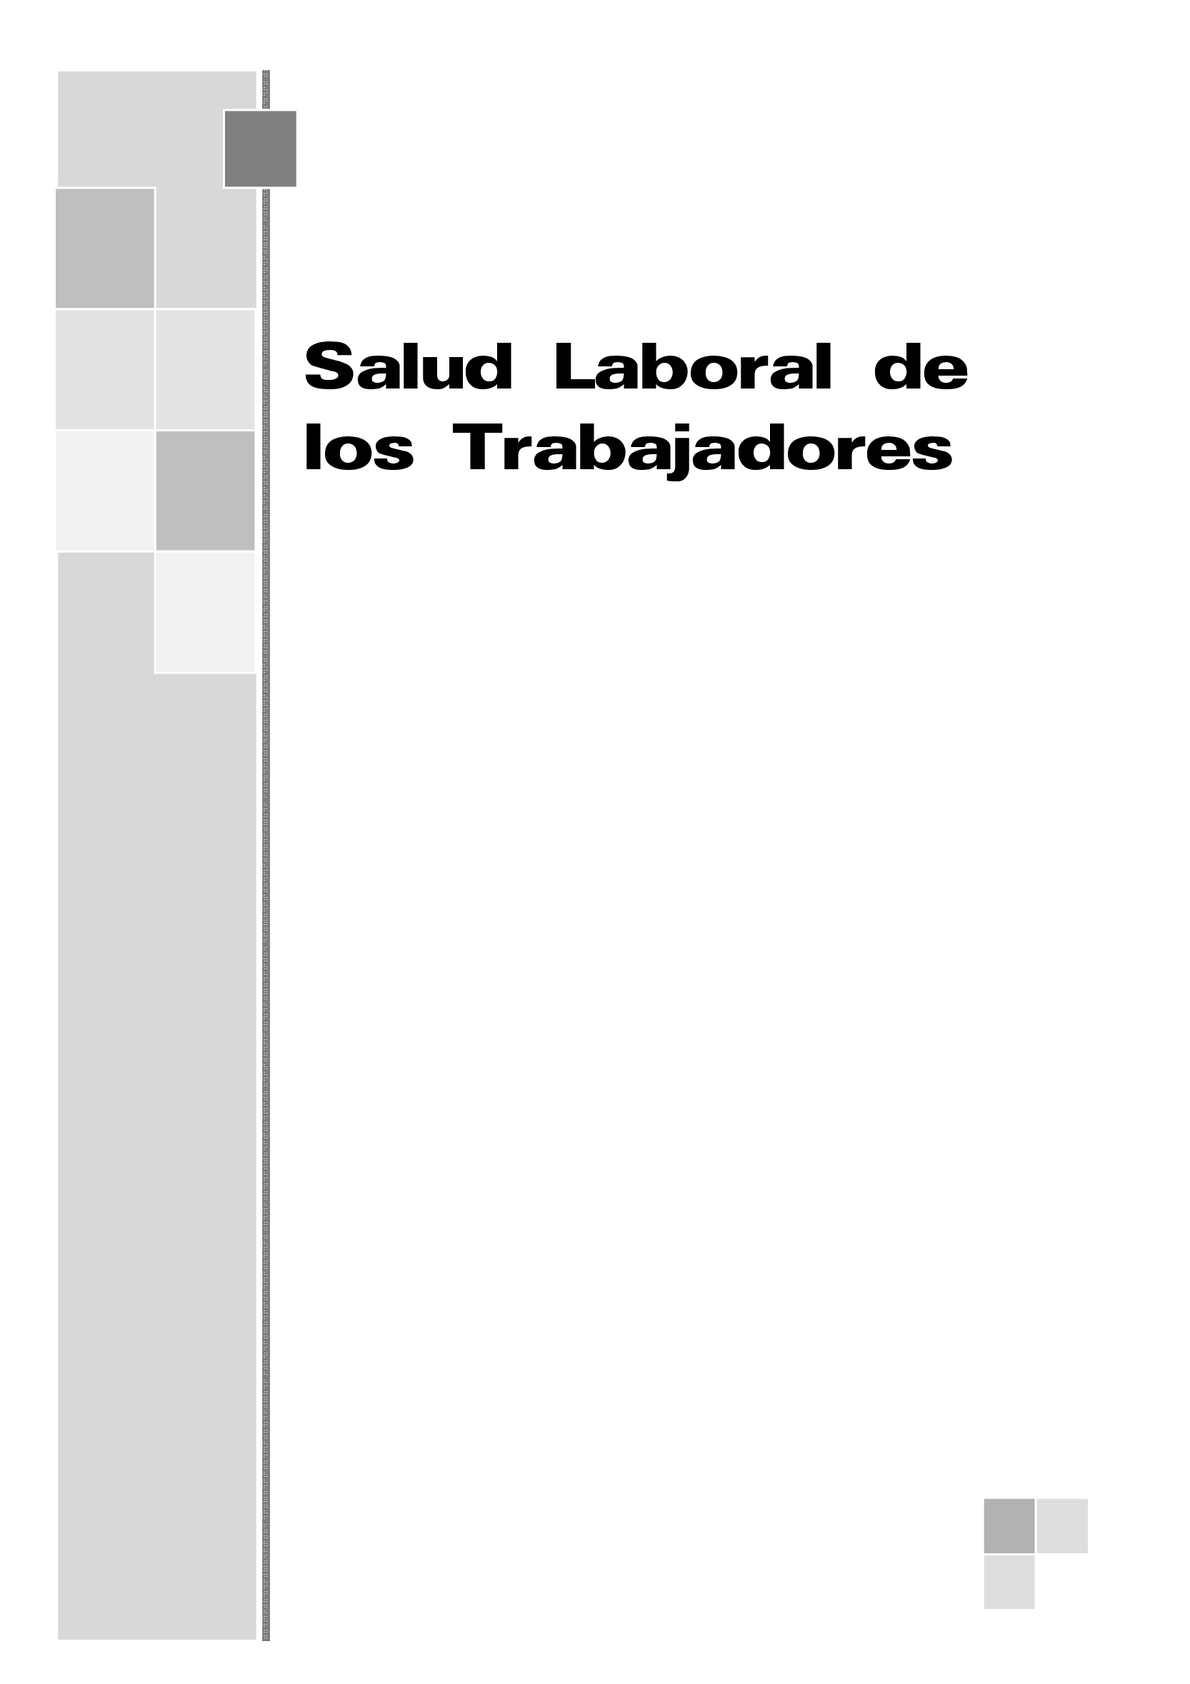 Calaméo - Salud laboral de los trabajadores